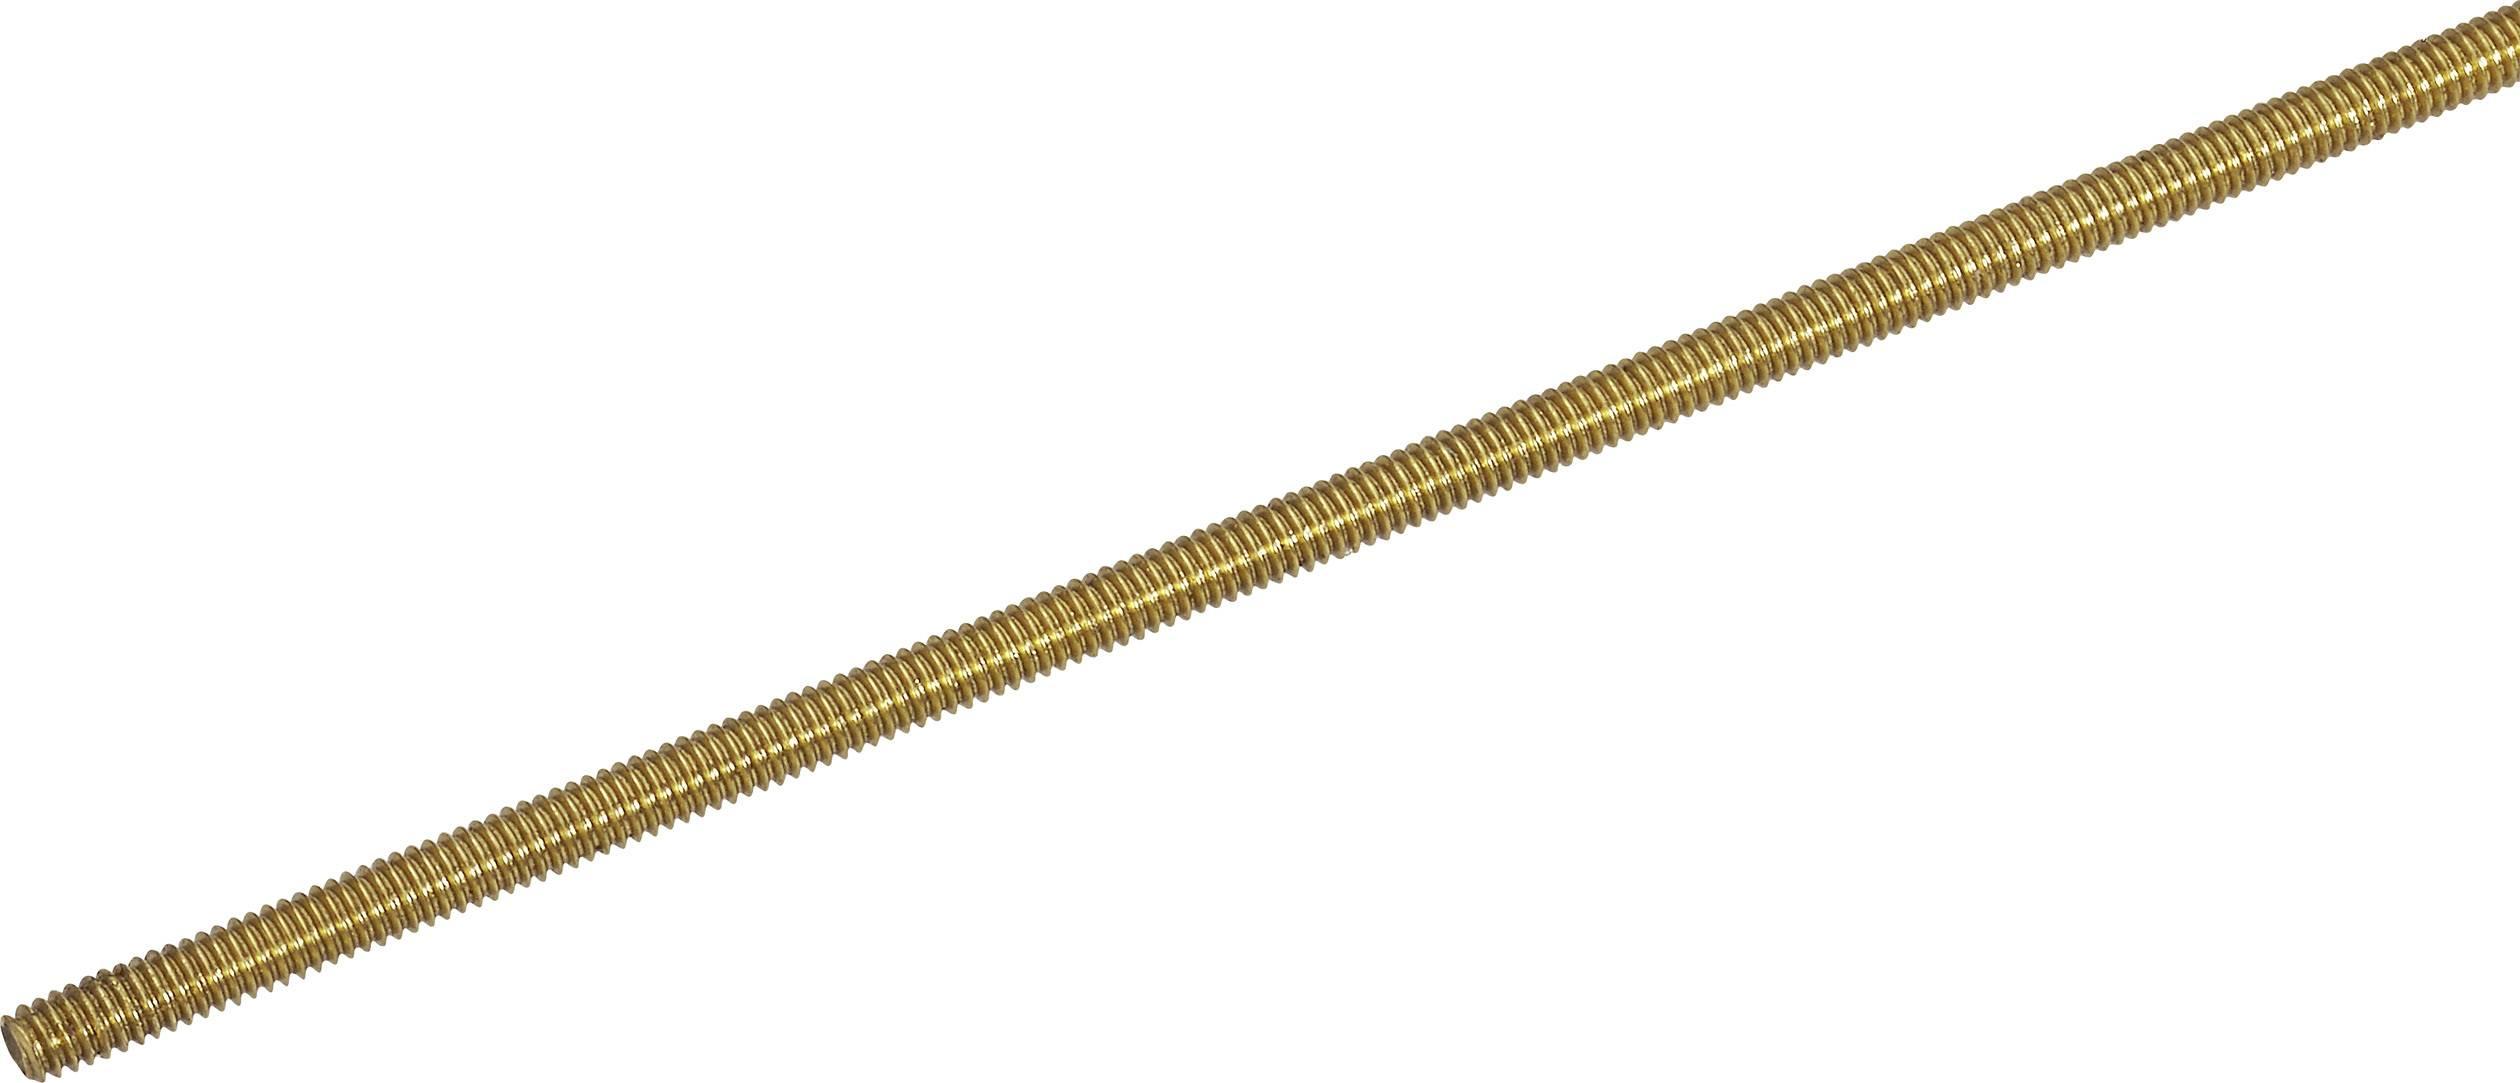 Závitová tyč Reely 221787 M5, 500 mm, mosadz, 1 ks